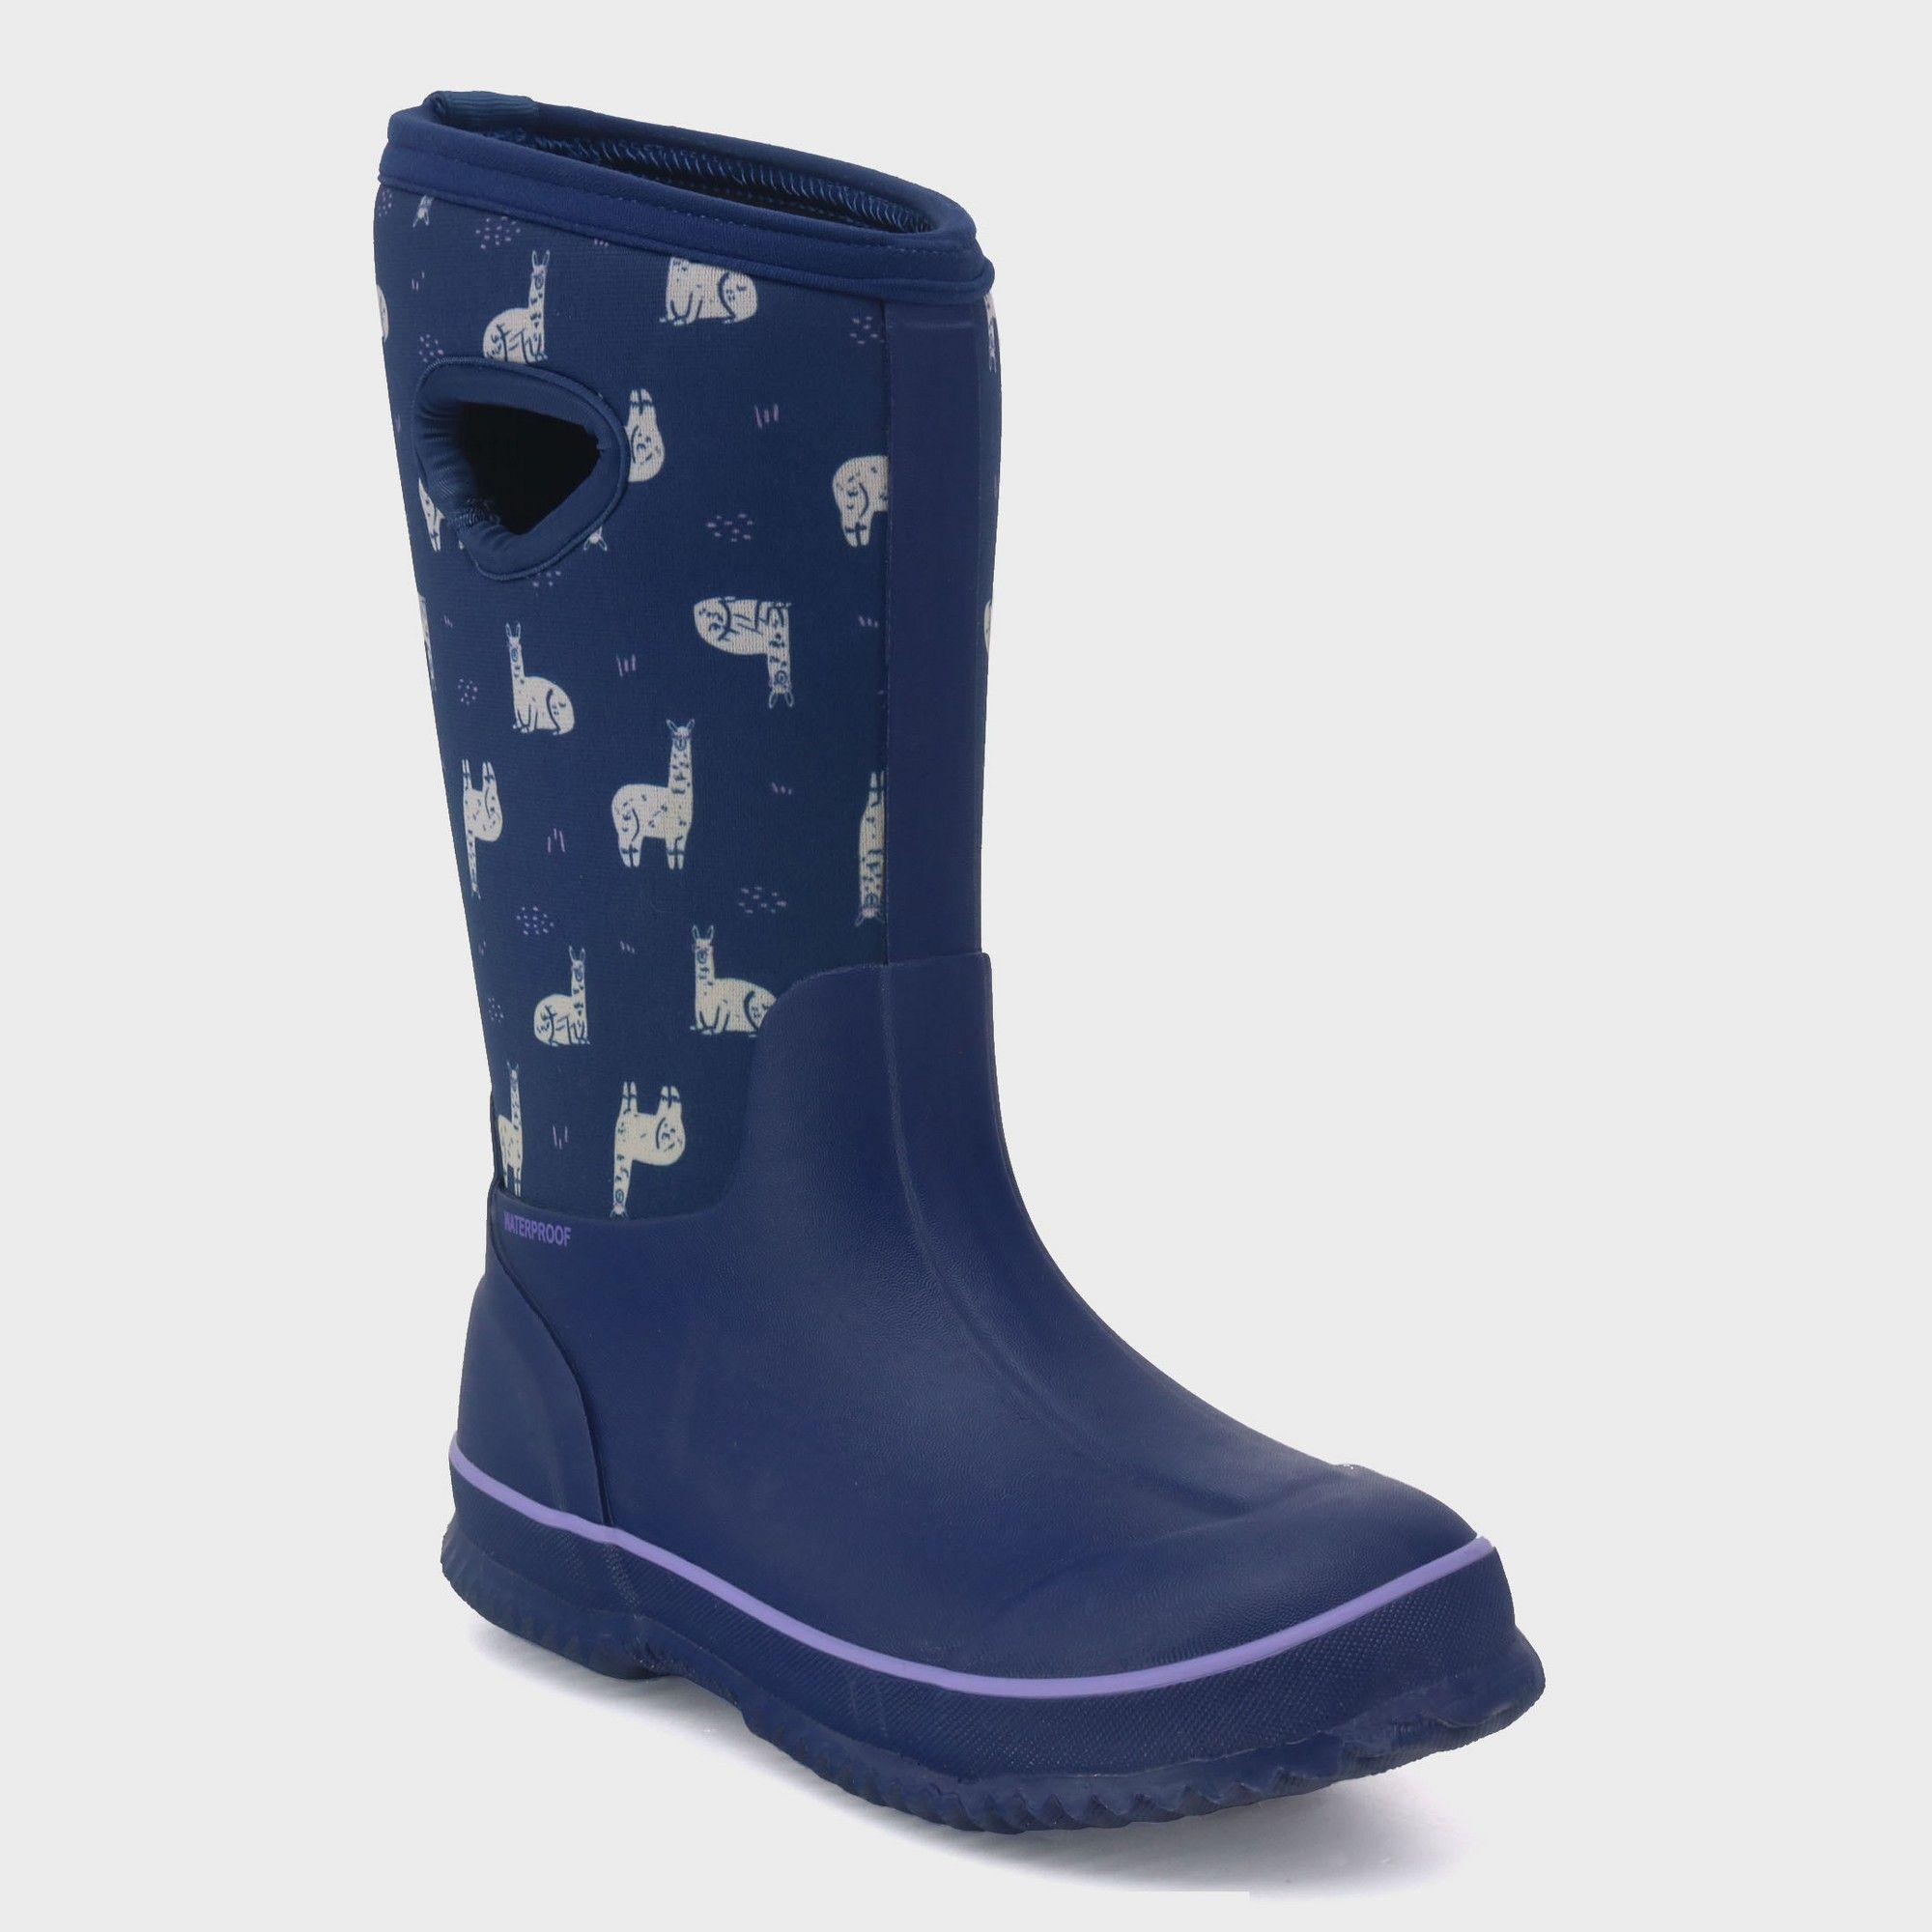 532e96473 Girls' Polly Neoprene Winter Boots - Cat & Jack Navy (Blue) 13 ...